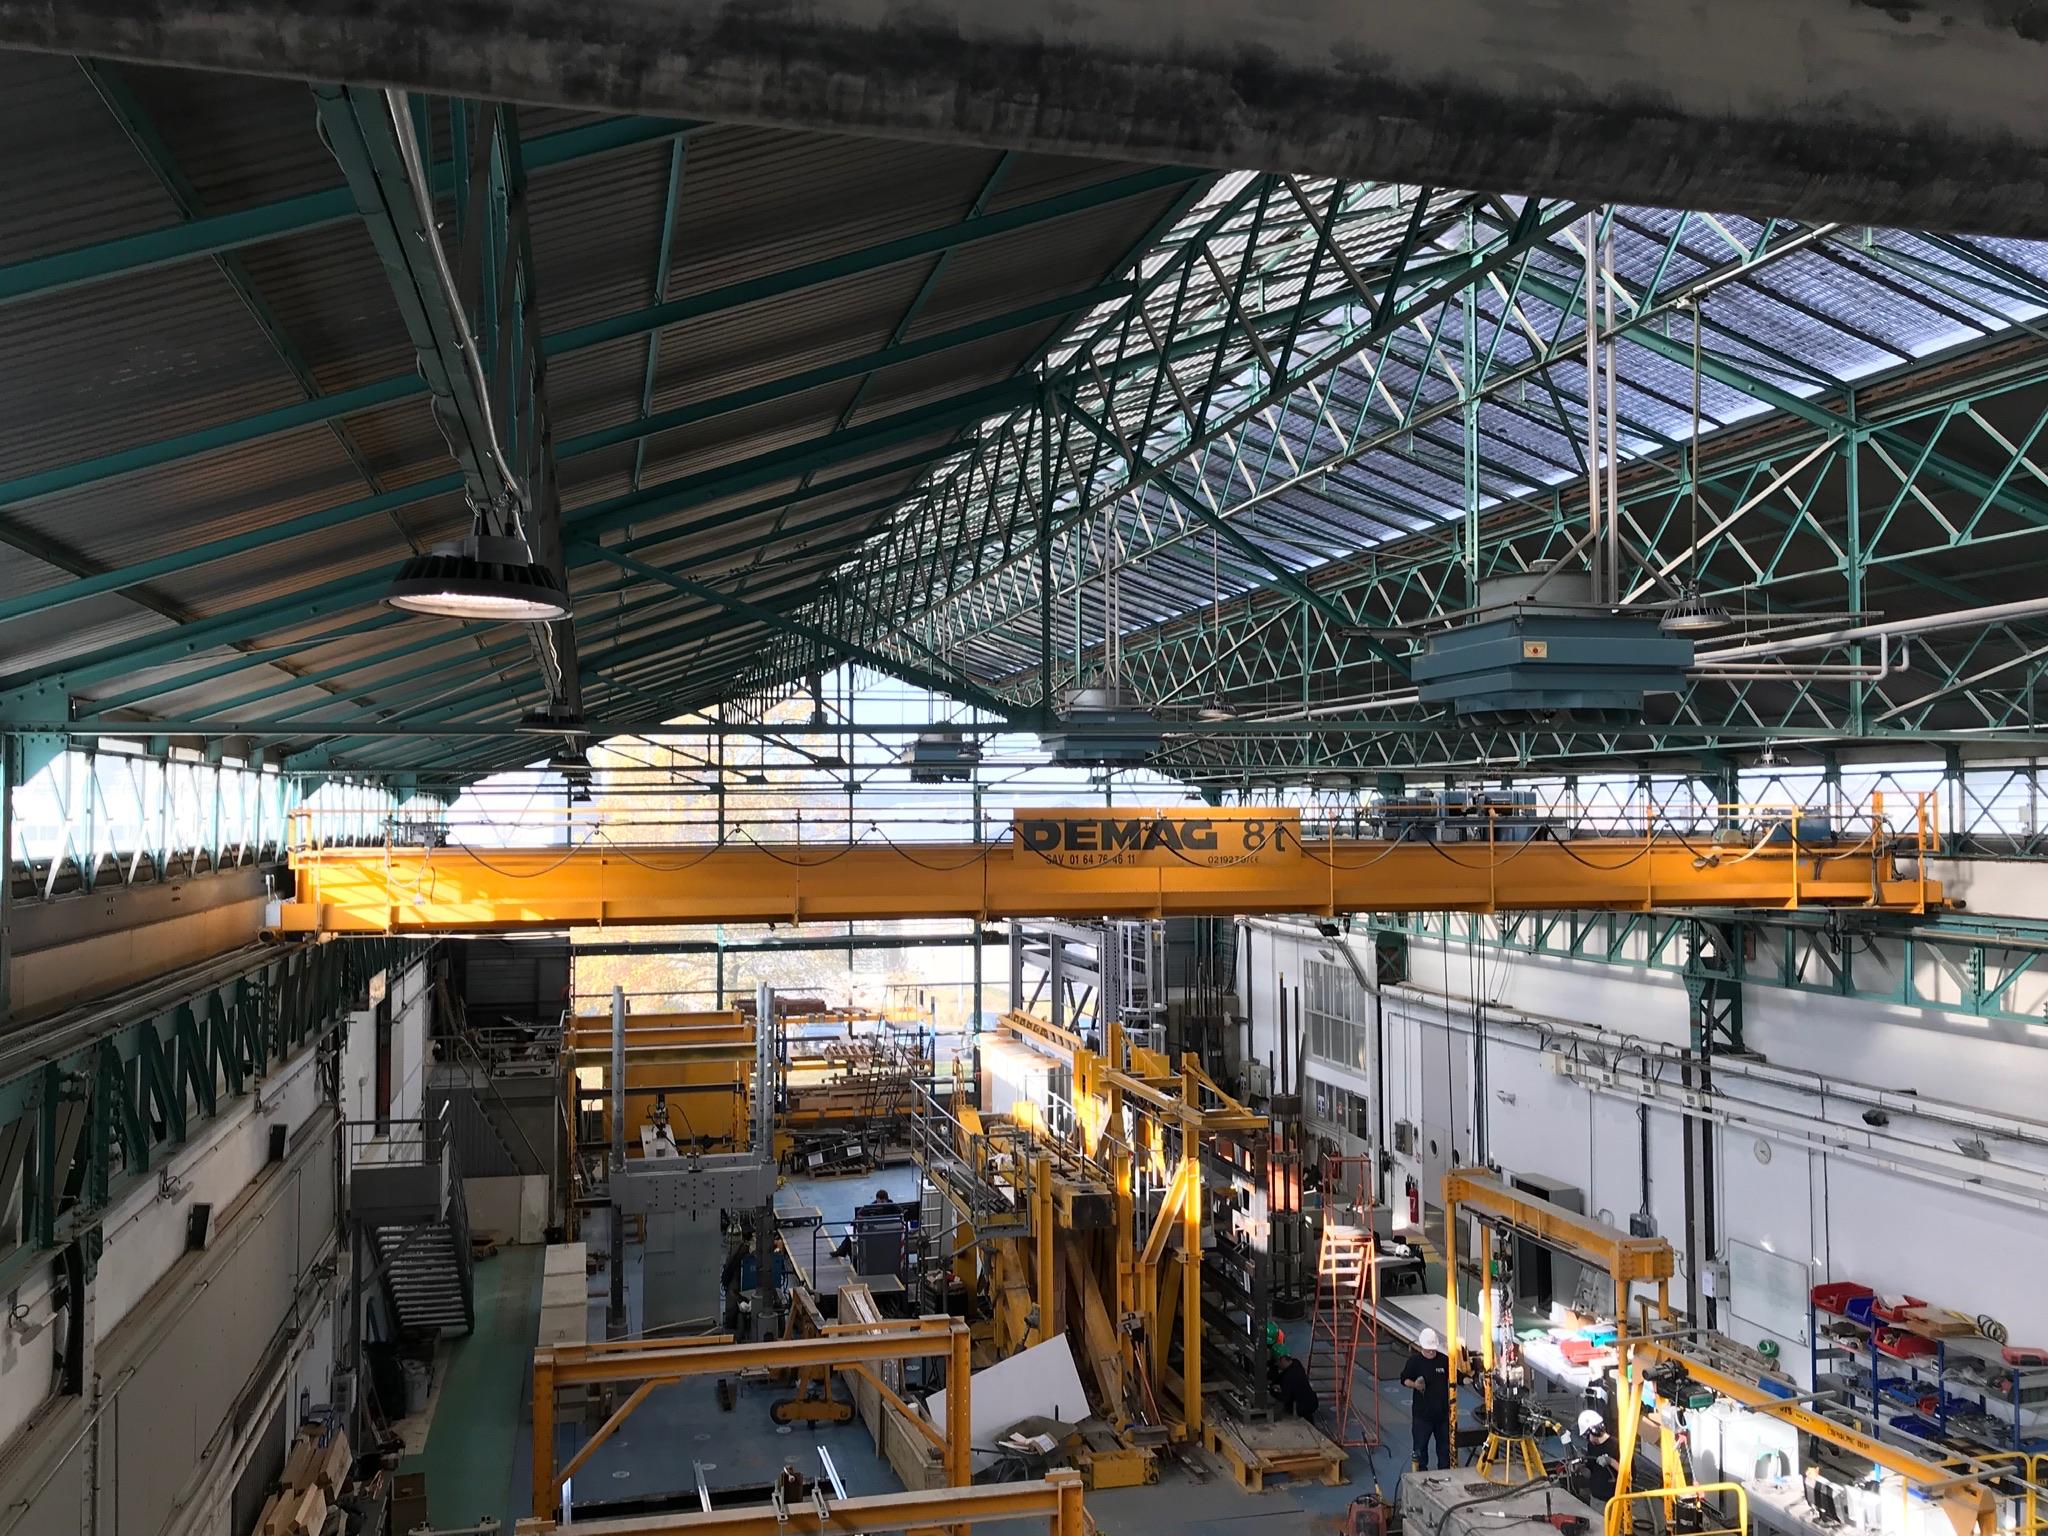 Bâtiments industriels CSTB à Marne-la-Vallée - Chantier site industriel -Génie électrique